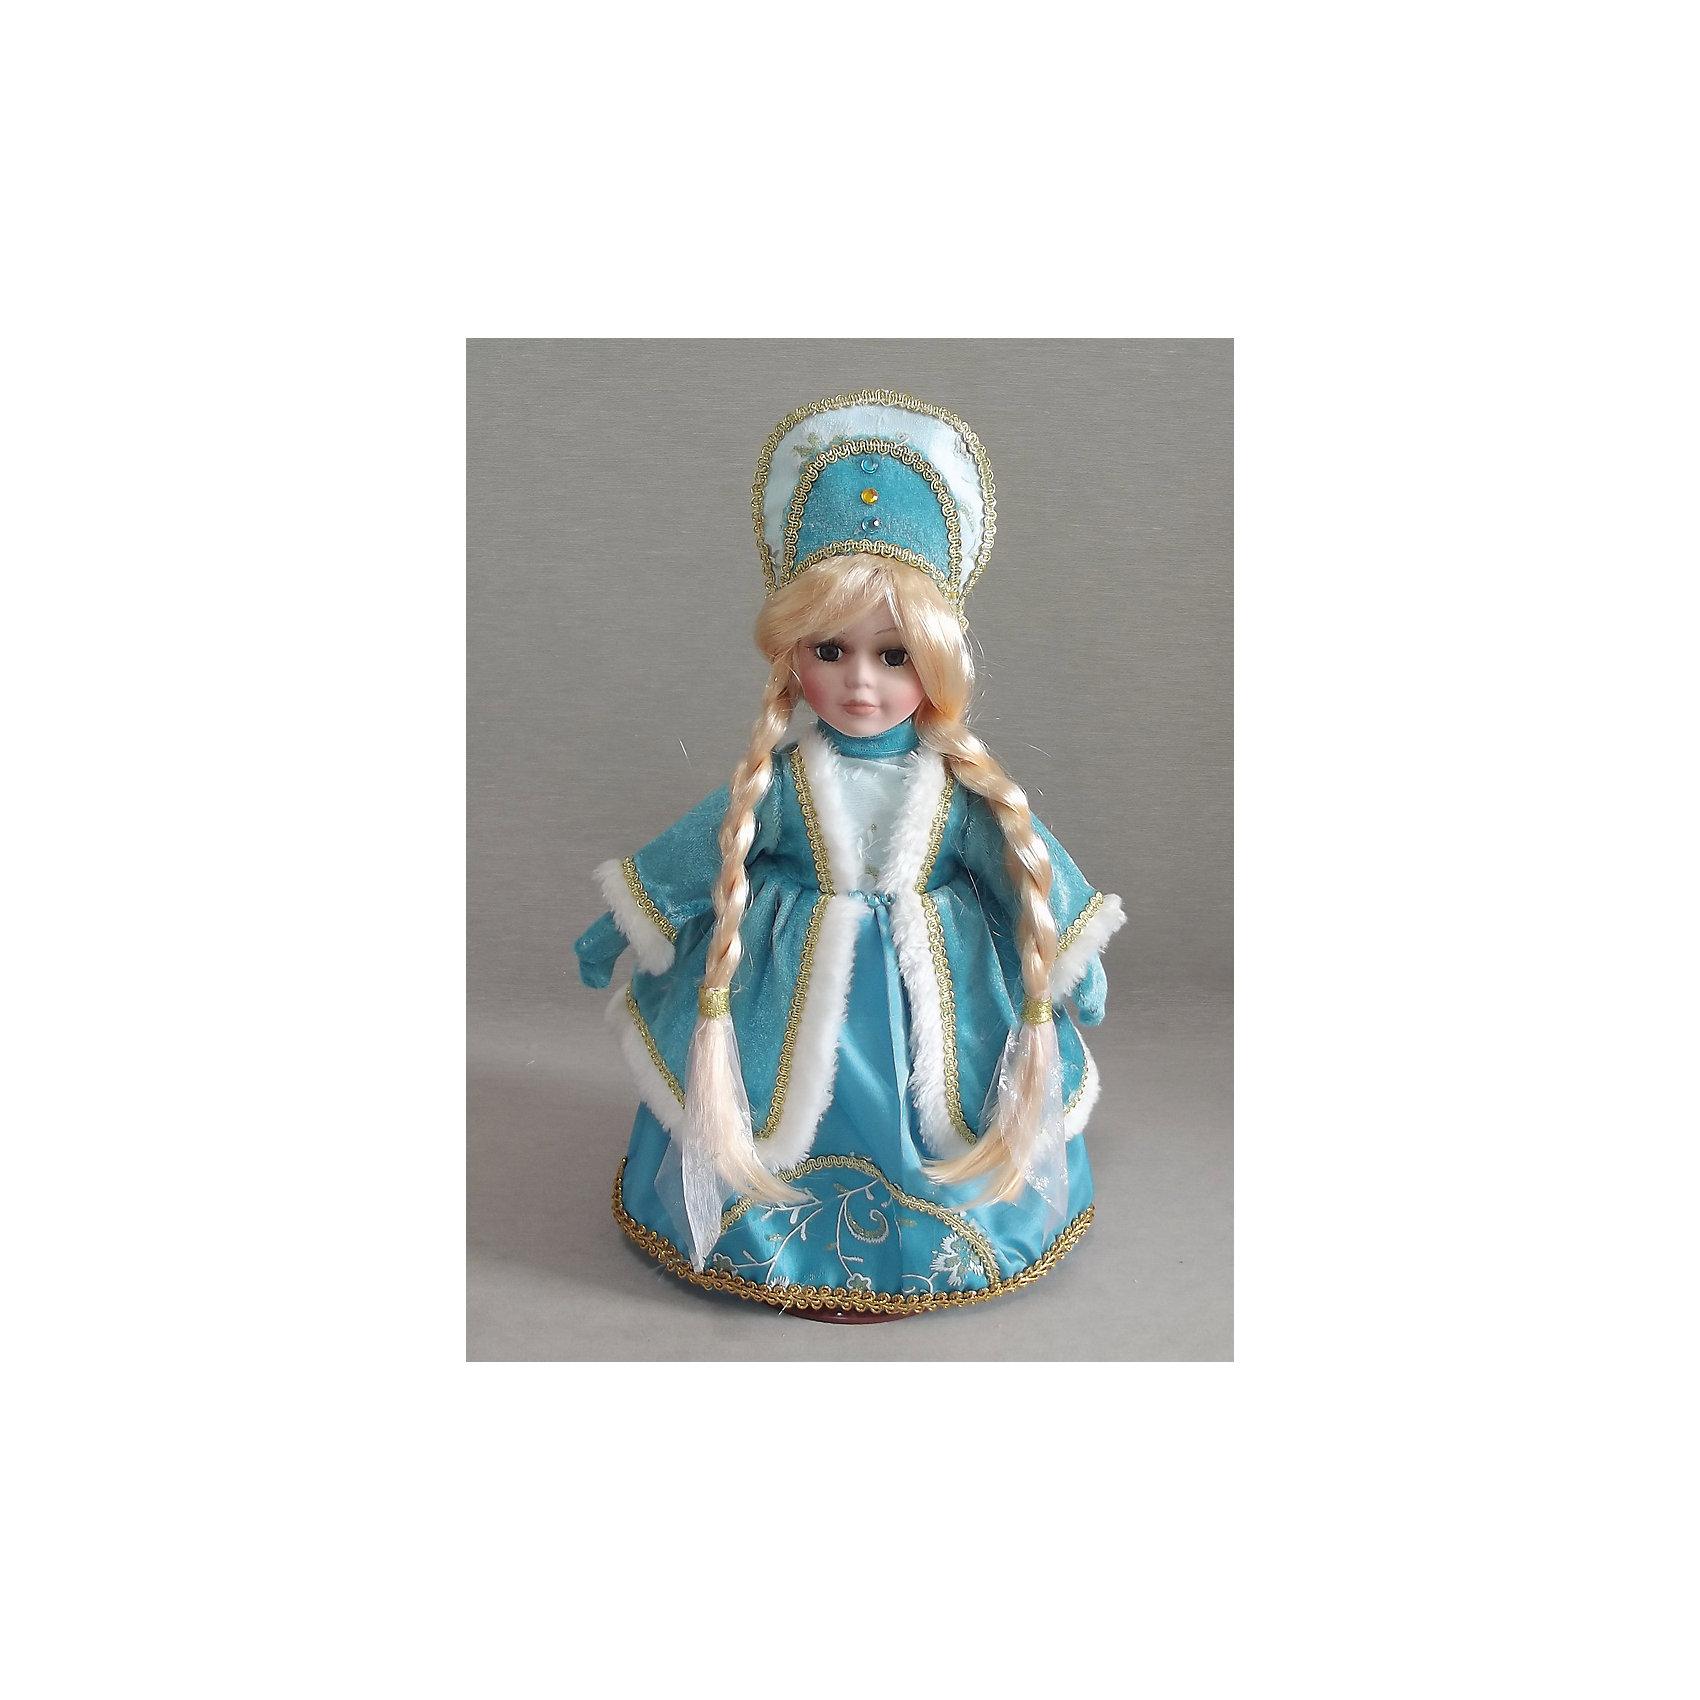 Декоративная кукла Снегурочка Верочка (30см, на подставке)Кукла декор. арт.39080 Снегурочка Верочка (30см, на подставке, тело мягкое набивное; голова, руки и ноги - керам.) / 30 см арт.39080<br><br>Ширина мм: 380<br>Глубина мм: 140<br>Высота мм: 90<br>Вес г: 575<br>Возраст от месяцев: 60<br>Возраст до месяцев: 600<br>Пол: Унисекс<br>Возраст: Детский<br>SKU: 5144551